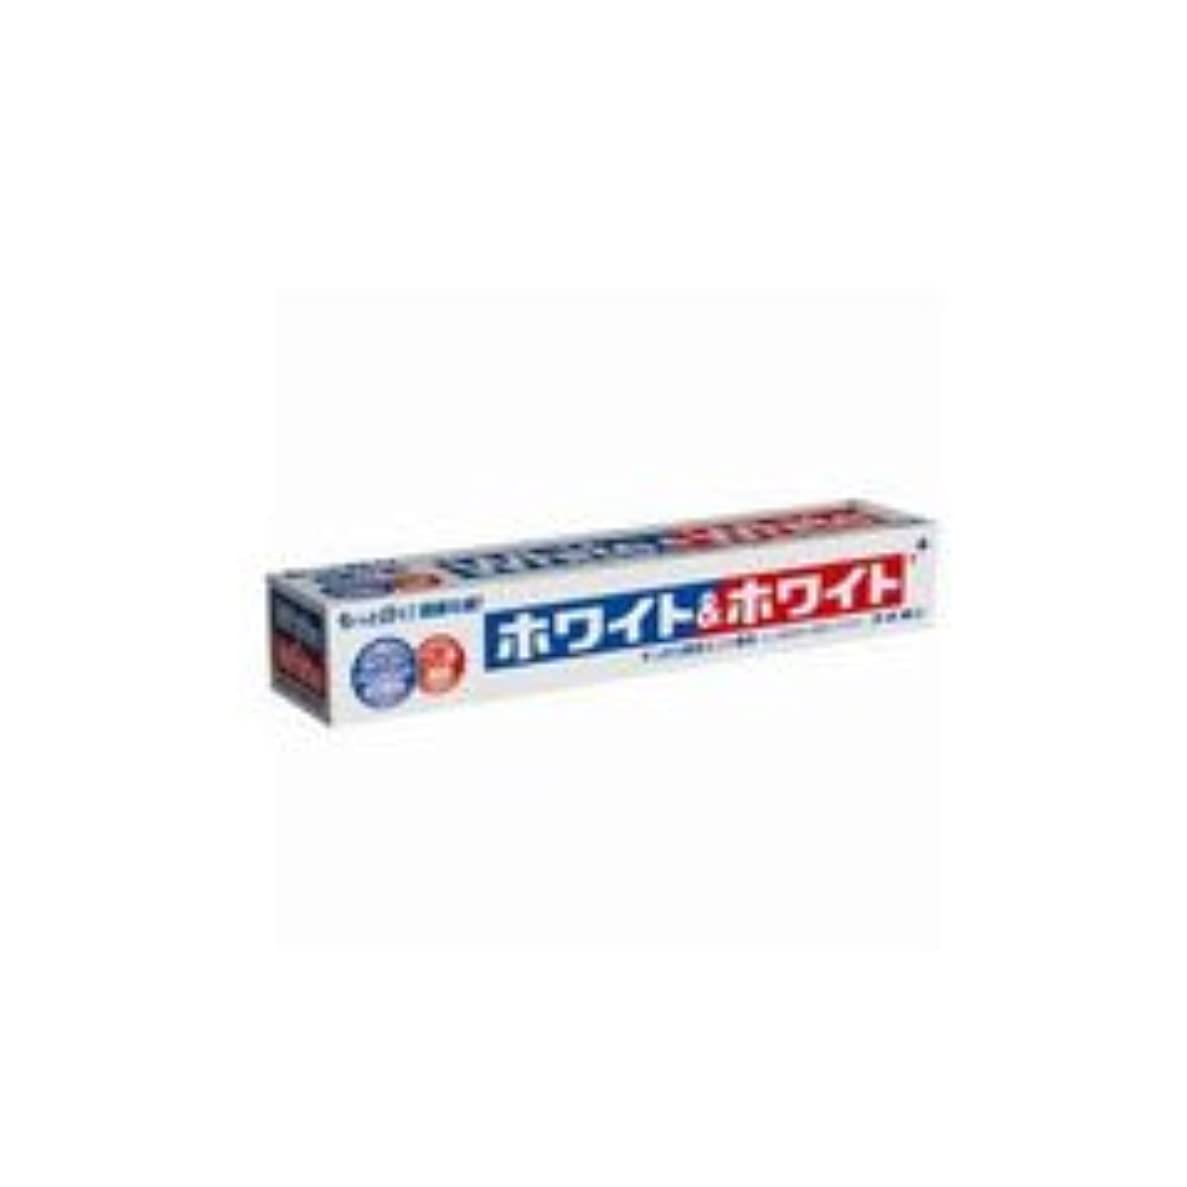 インカ帝国不振保全【ライオン】ホワイト&ホワイト 150g